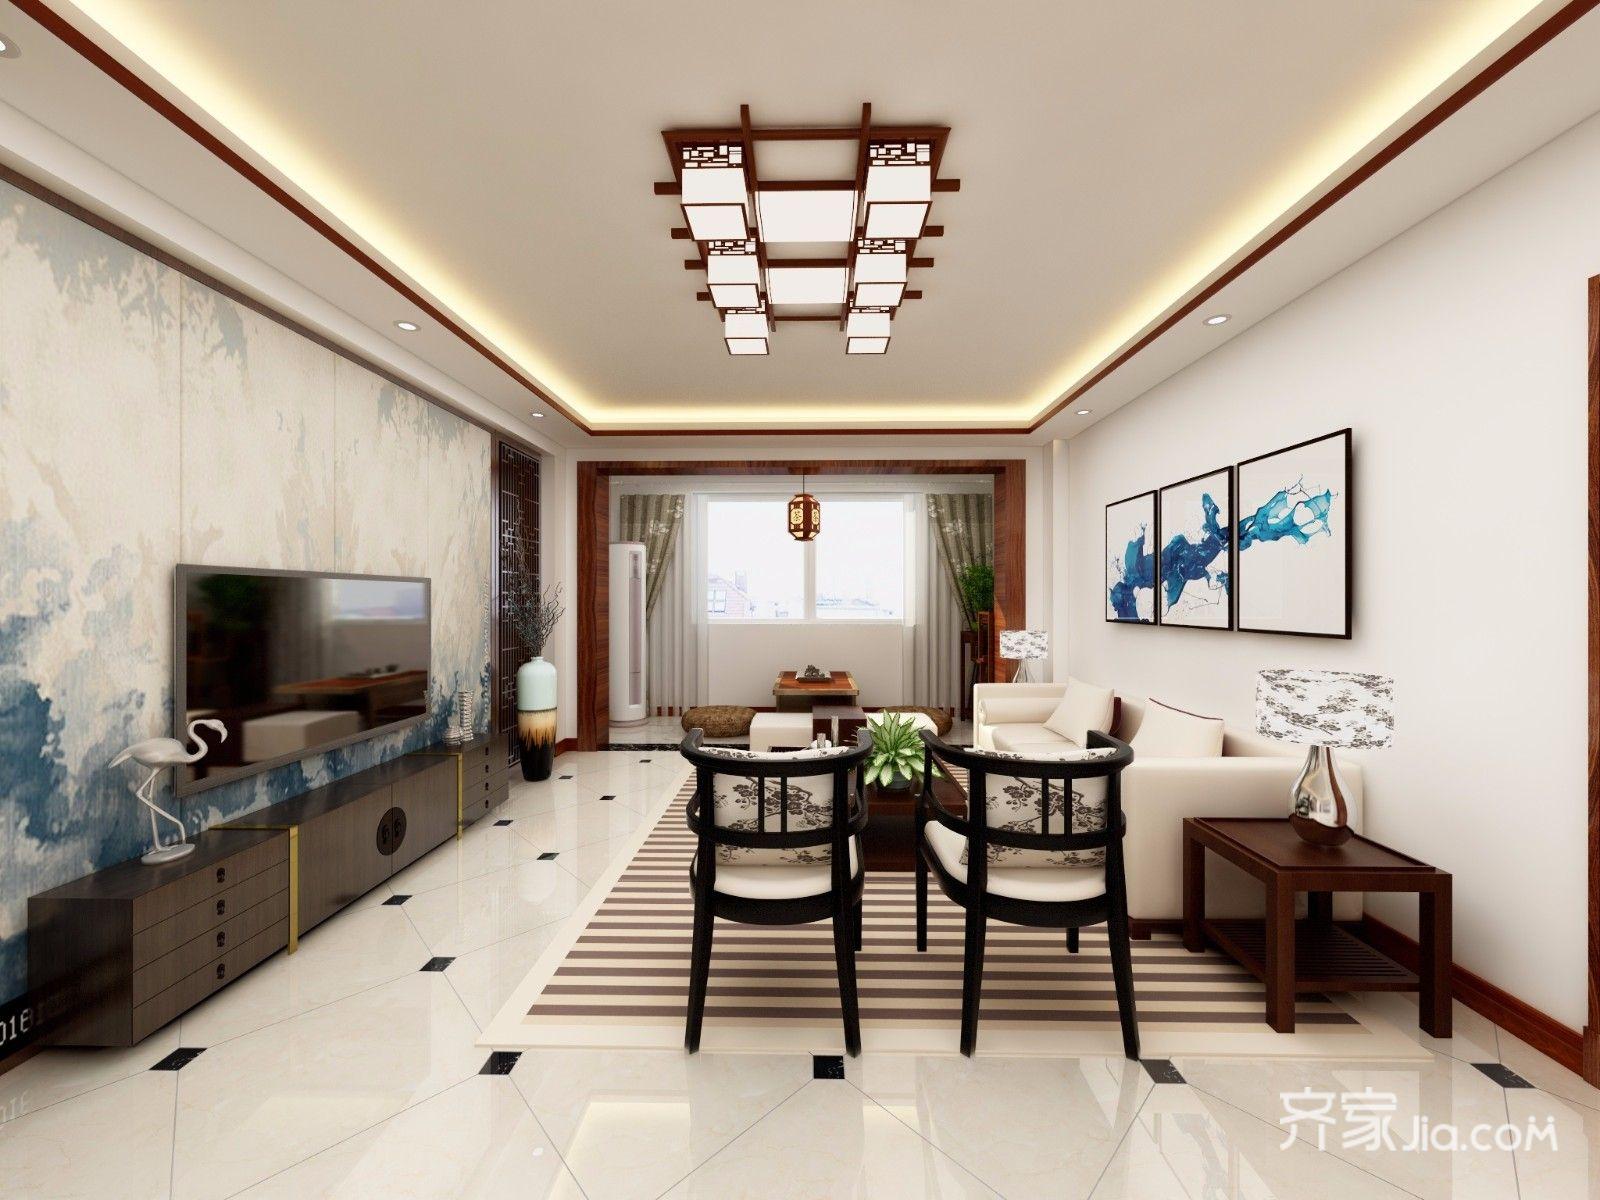 128平中式风格三居客厅装修效果图